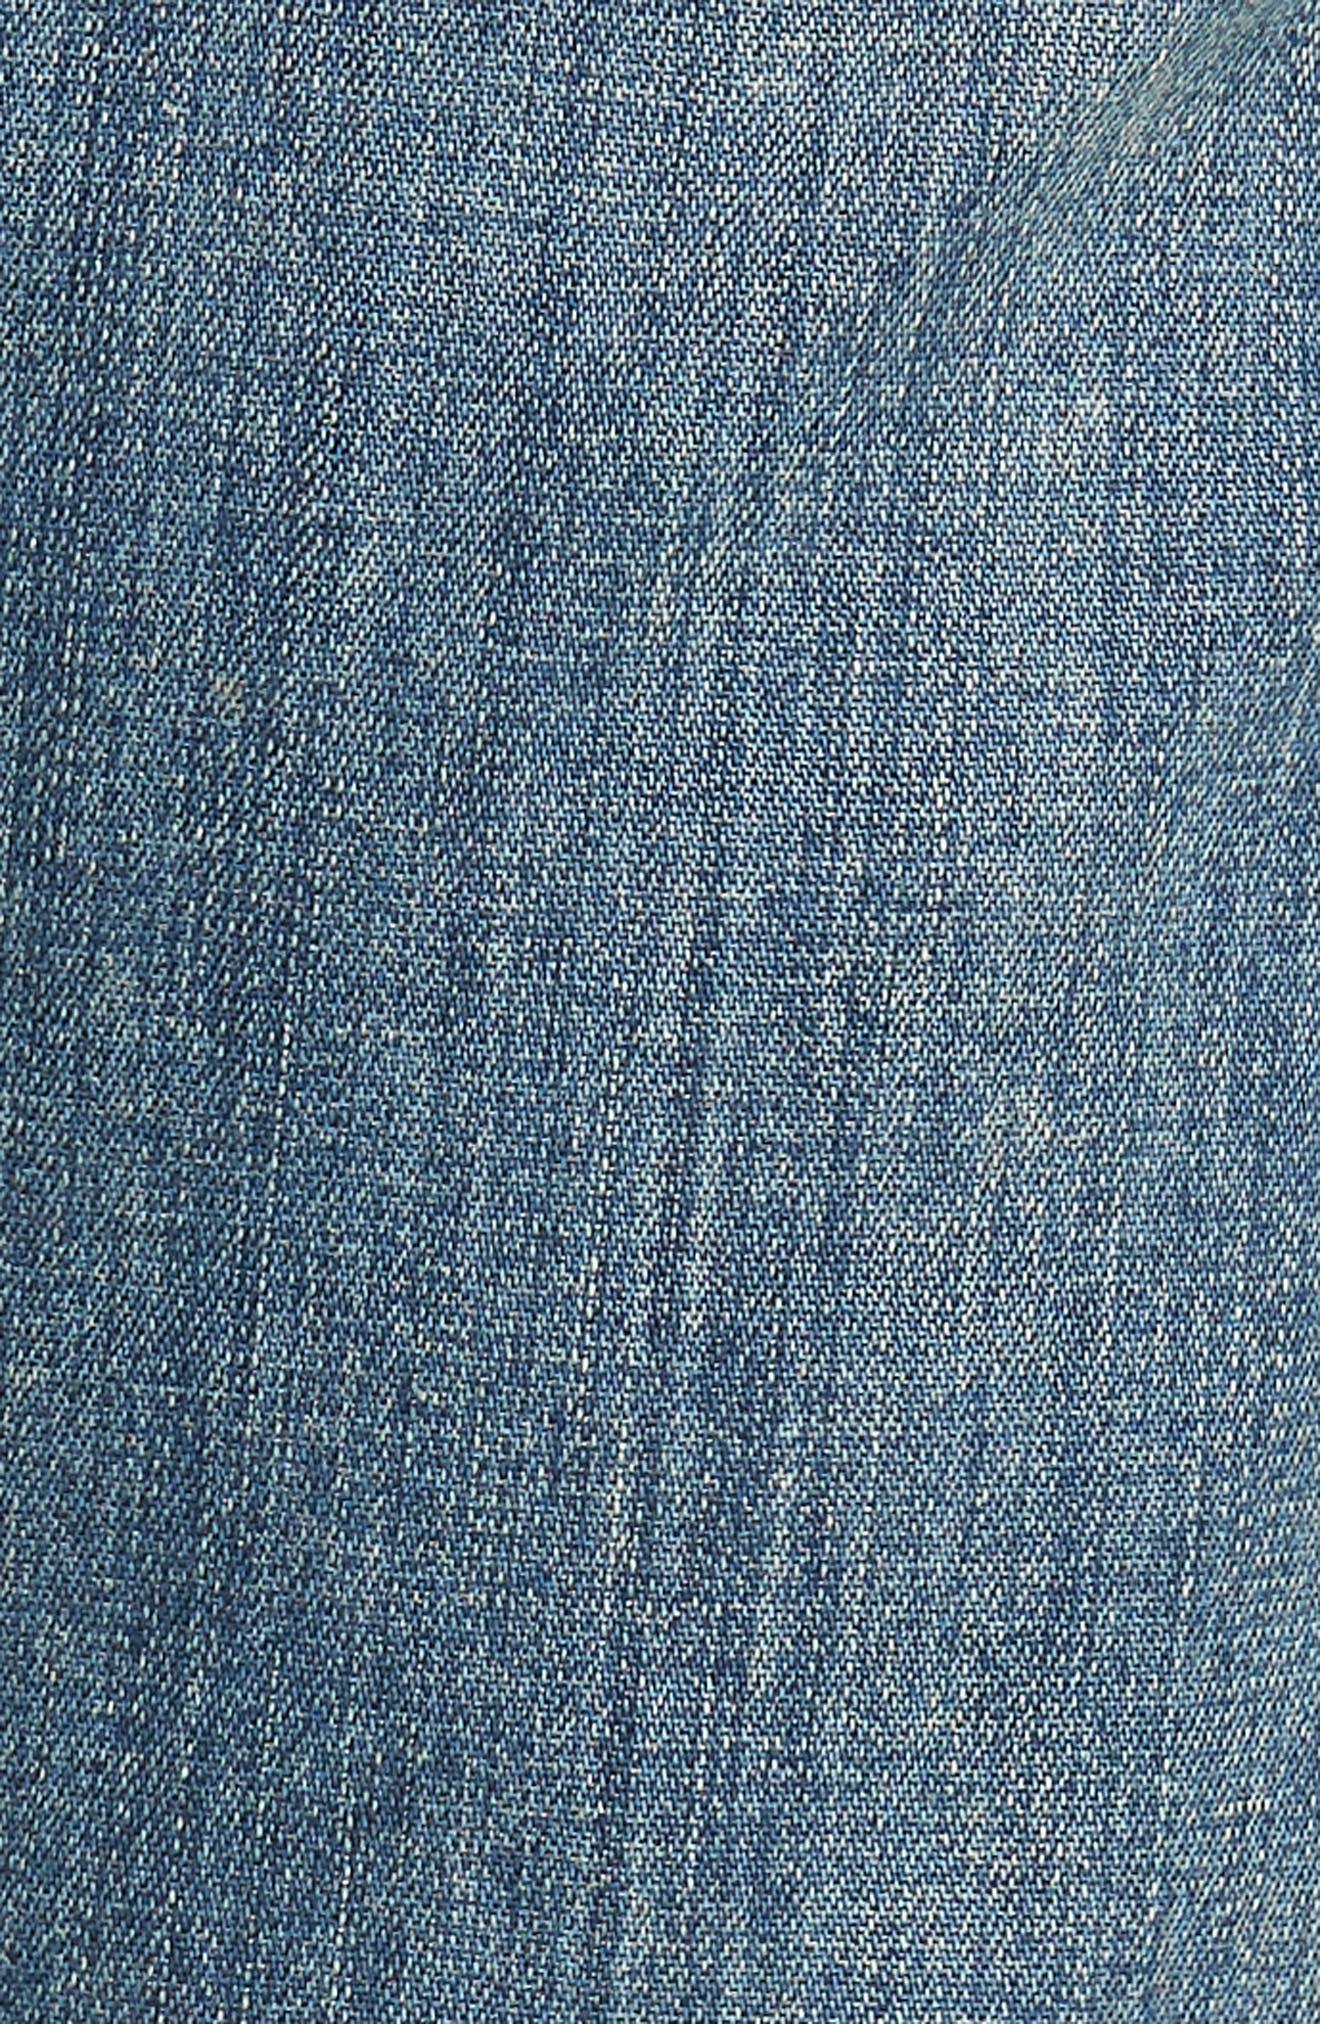 Gage Slim Straight Leg Jeans,                             Alternate thumbnail 5, color,                             Adler